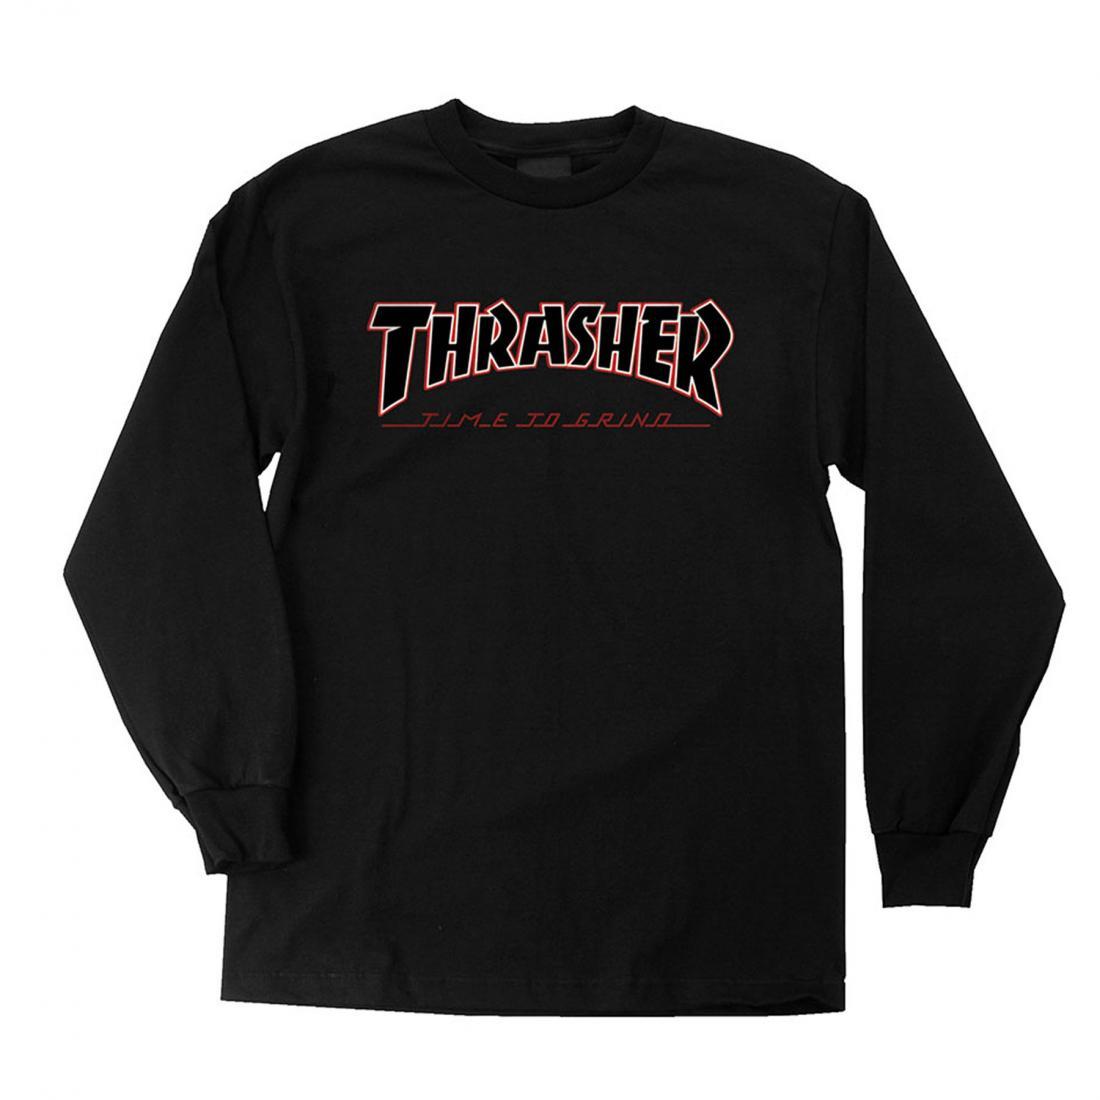 Лонгслив Independent x Thrasher TTG Regular купить в Boardshop №1